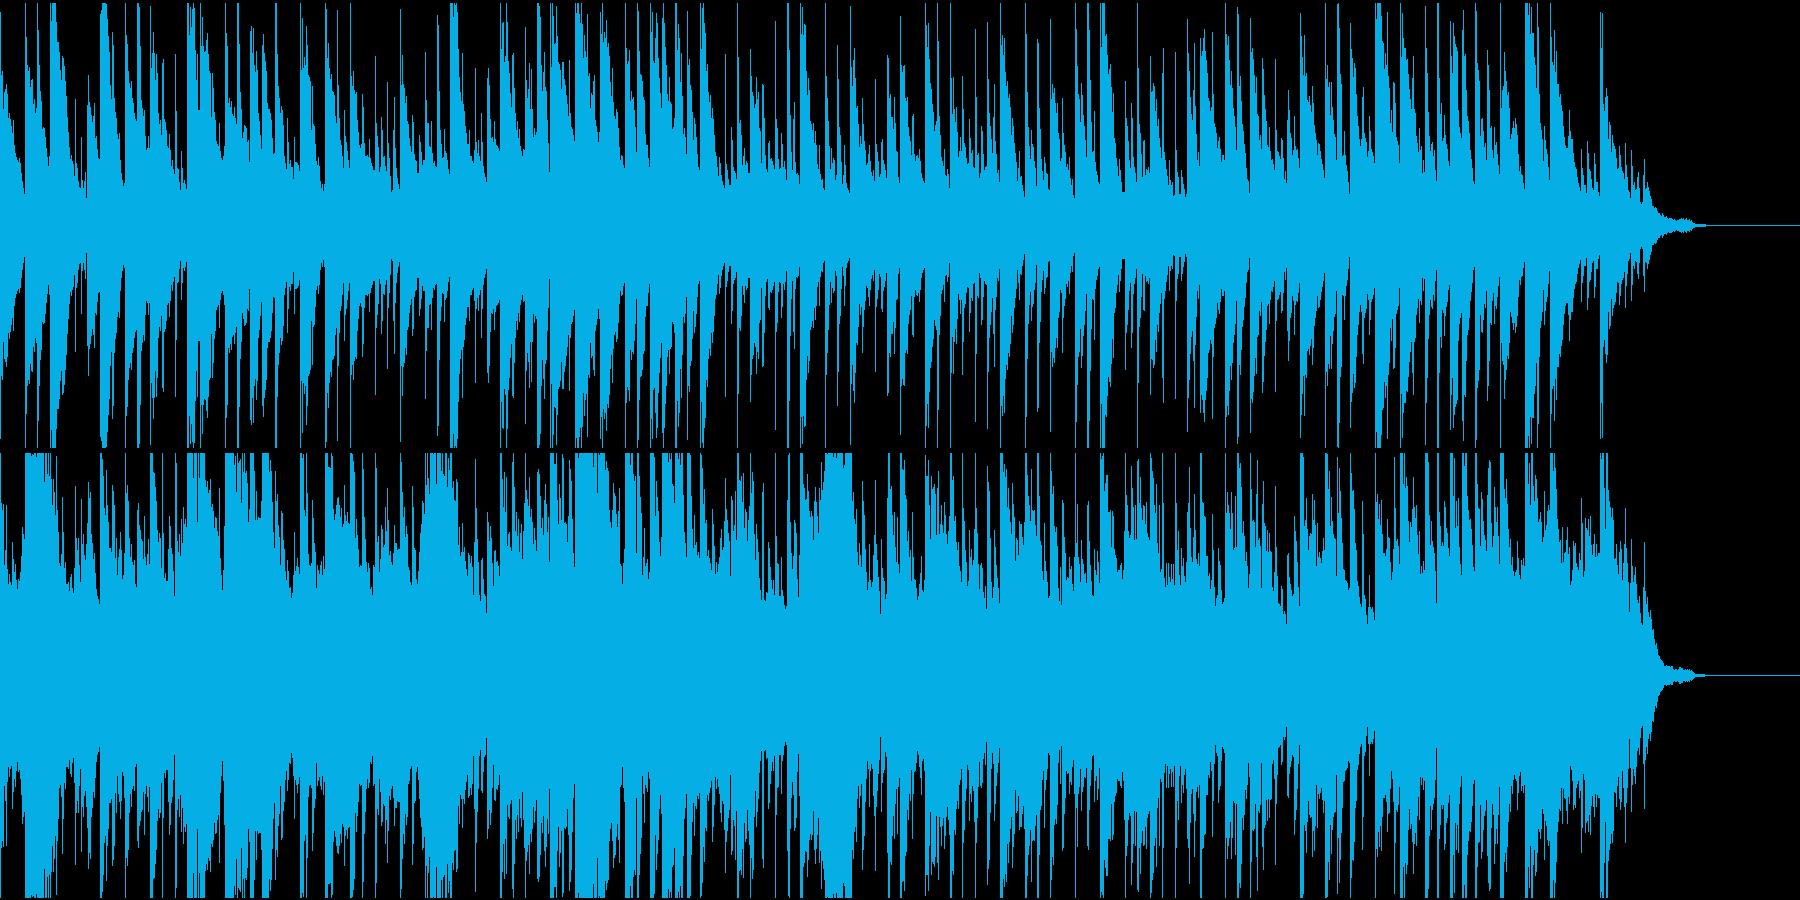 のびのびとしたほのぼの大空の再生済みの波形